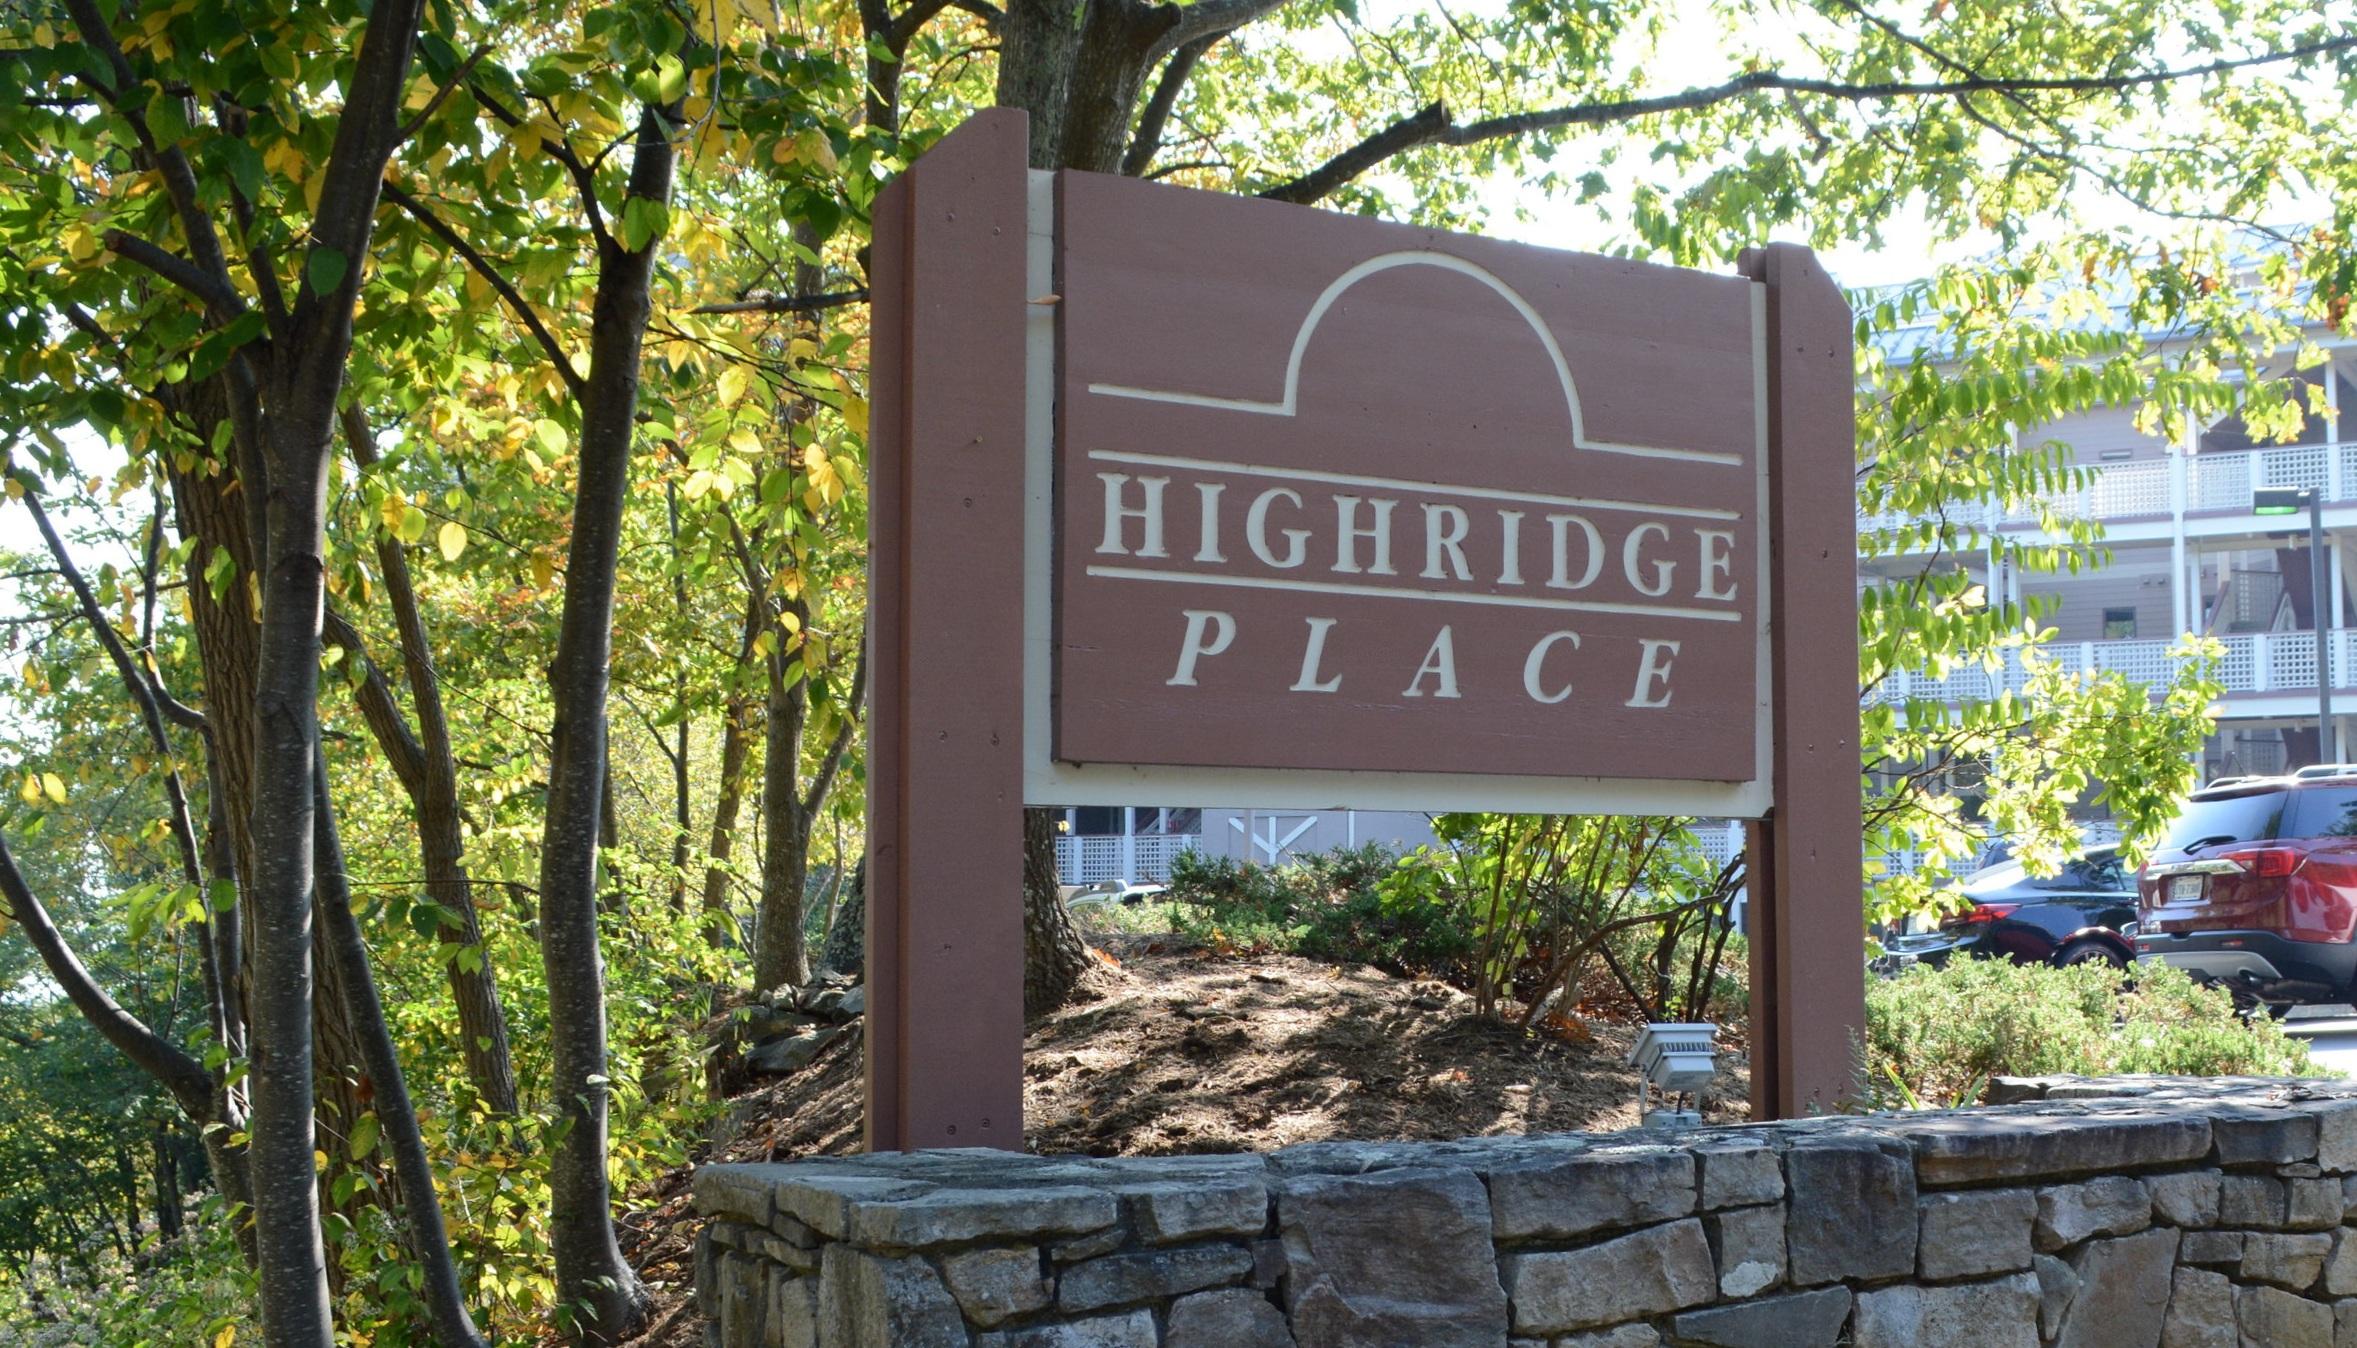 highridge-place-condo-wintergreen.JPG